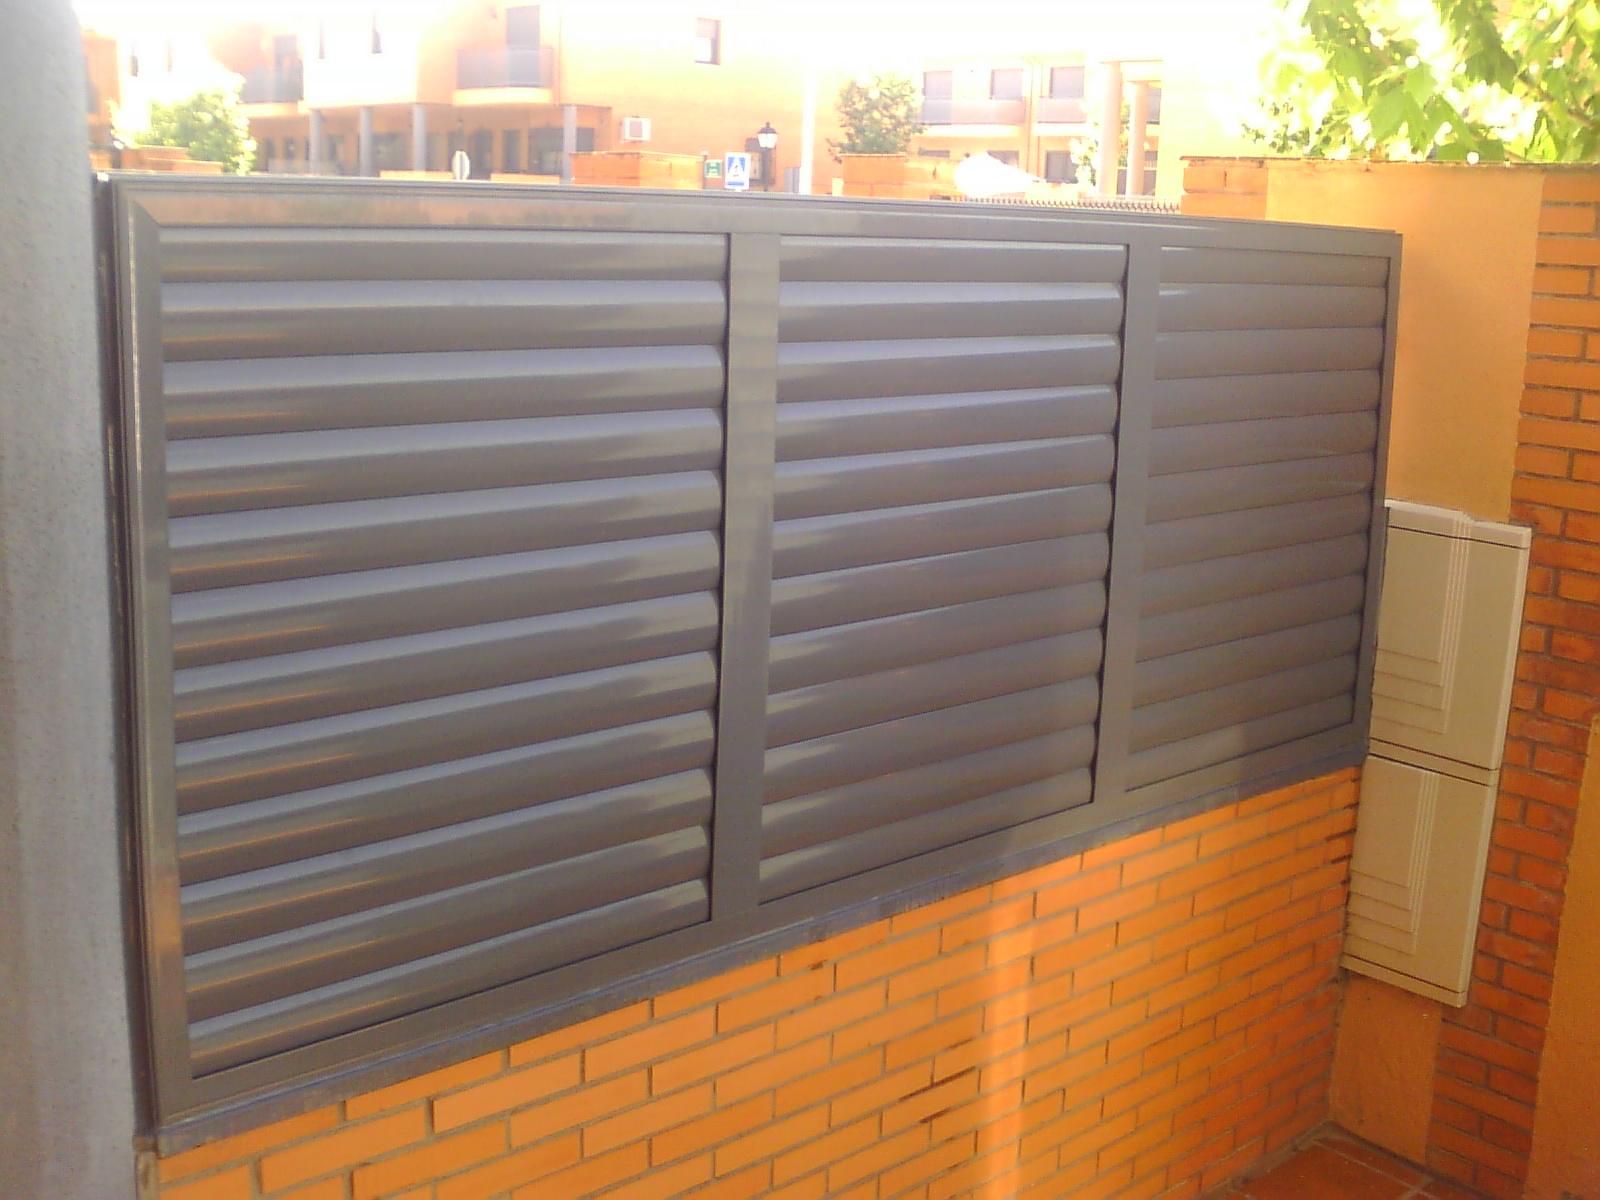 Aluminio y pvc en aranjuez y alrededores alumifrank - Puertas para vallas ...